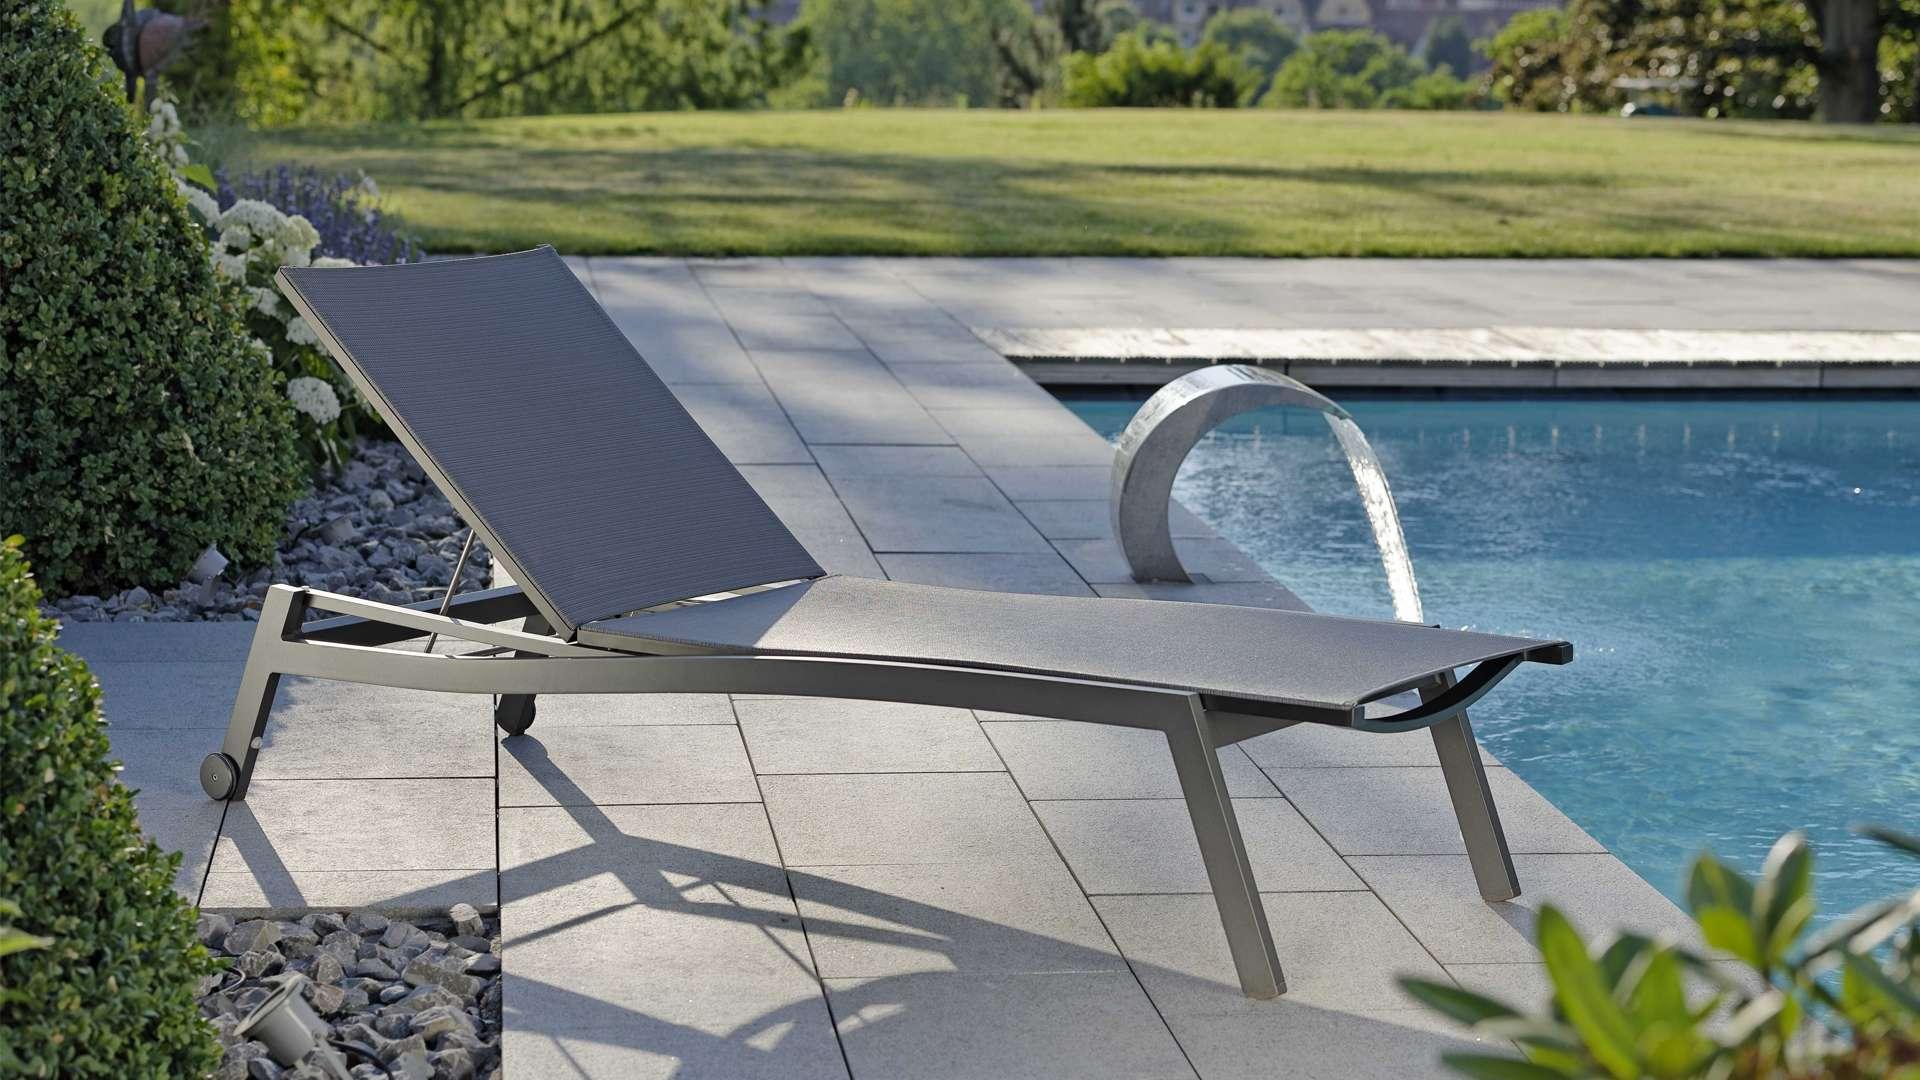 Liegestuhl neben einem Pool